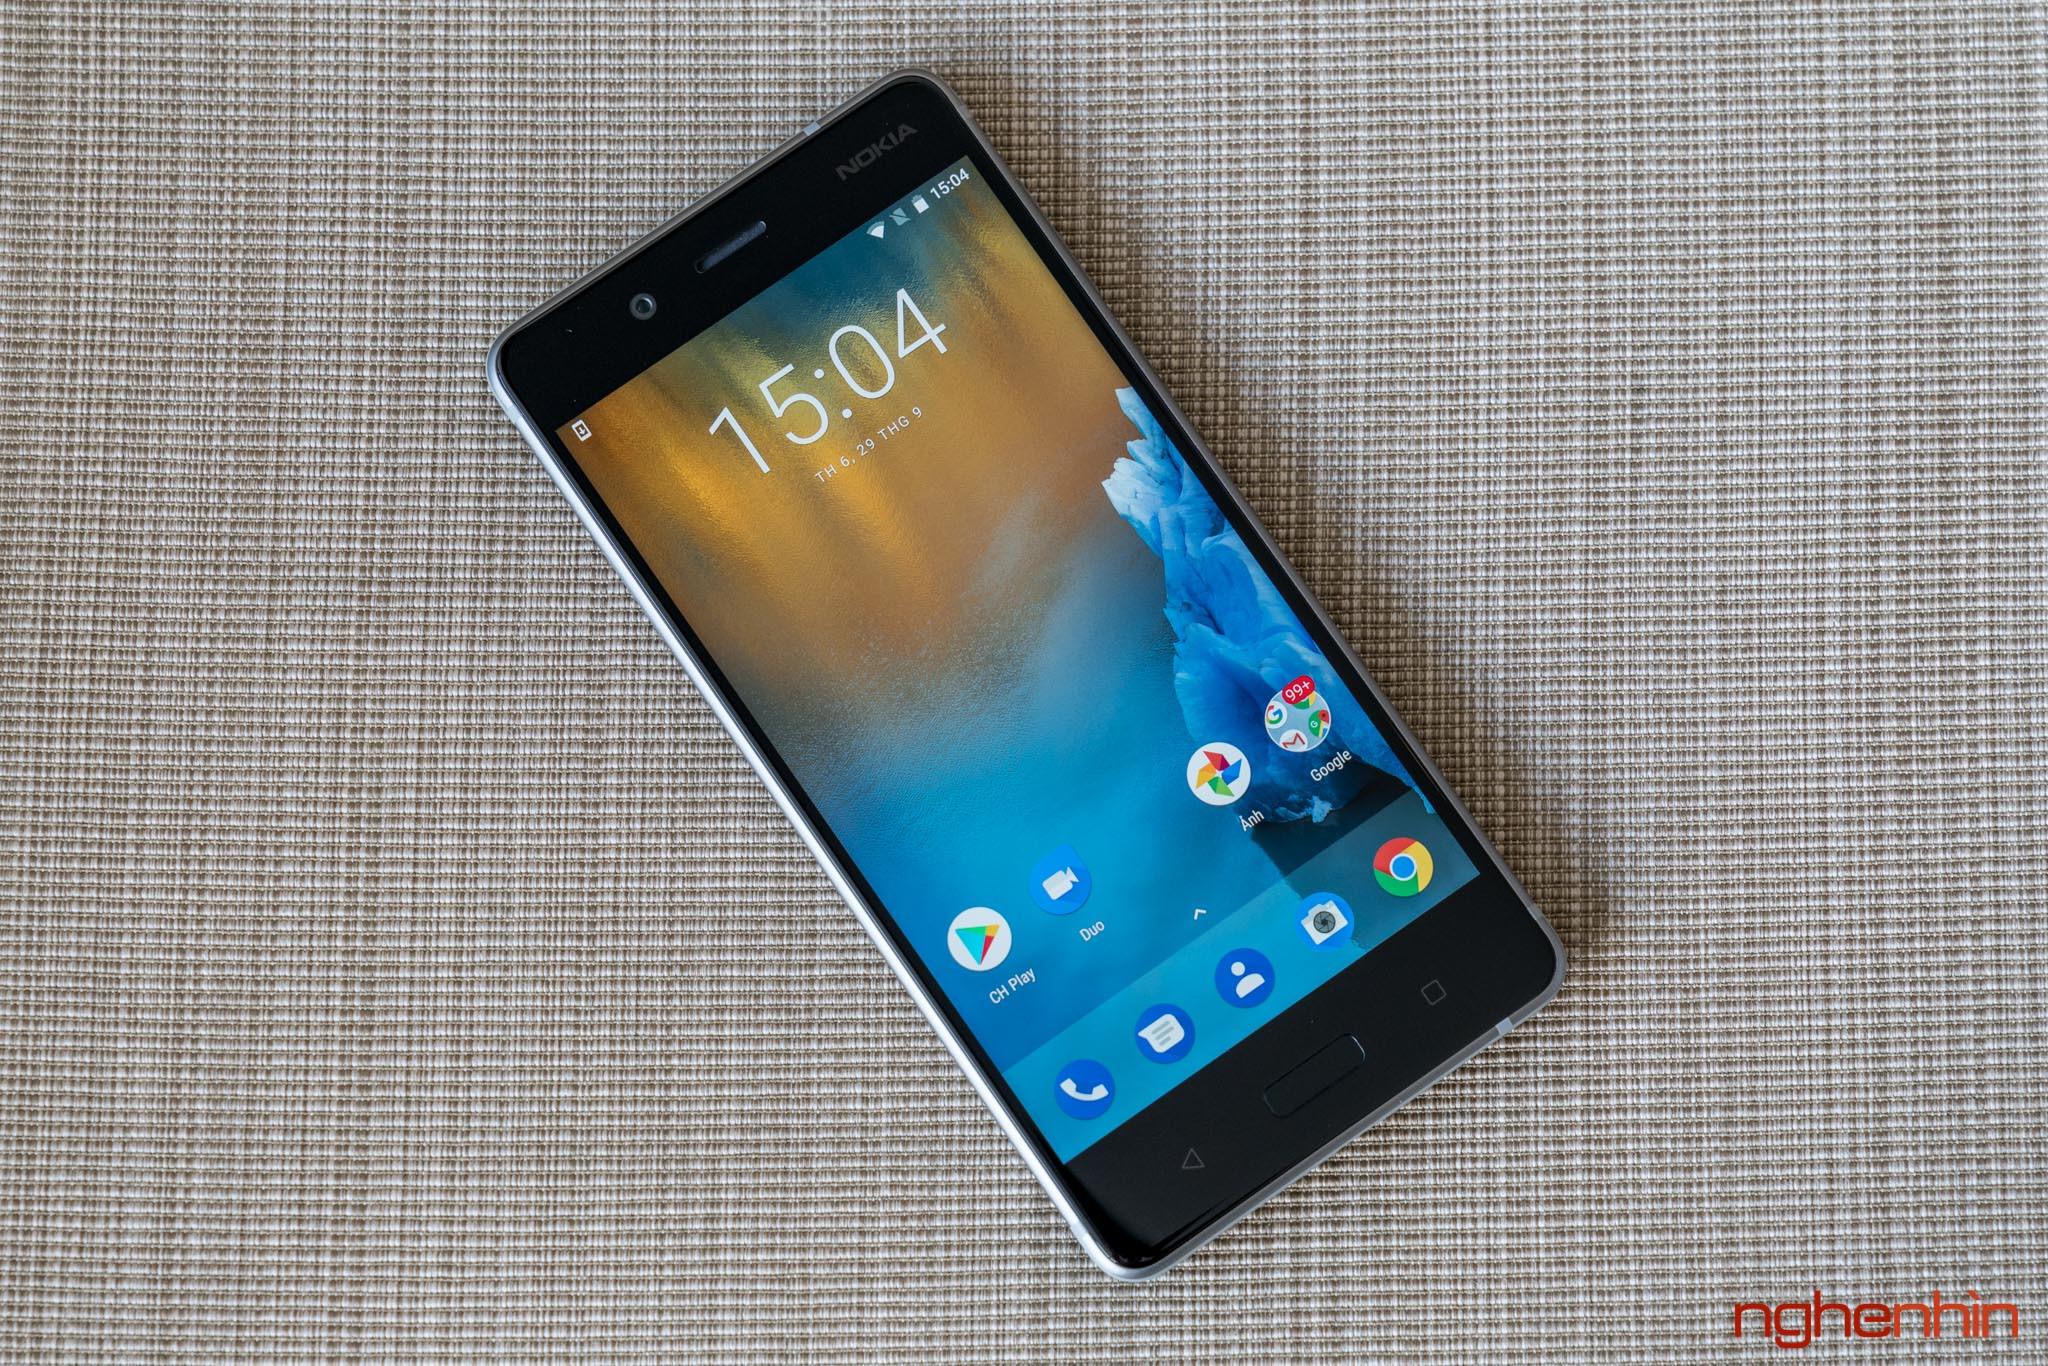 Mở hộp Nokia 8 chính hãng: hoàn thiện cao cấp, camera kép ống kính Zeiss ảnh 12